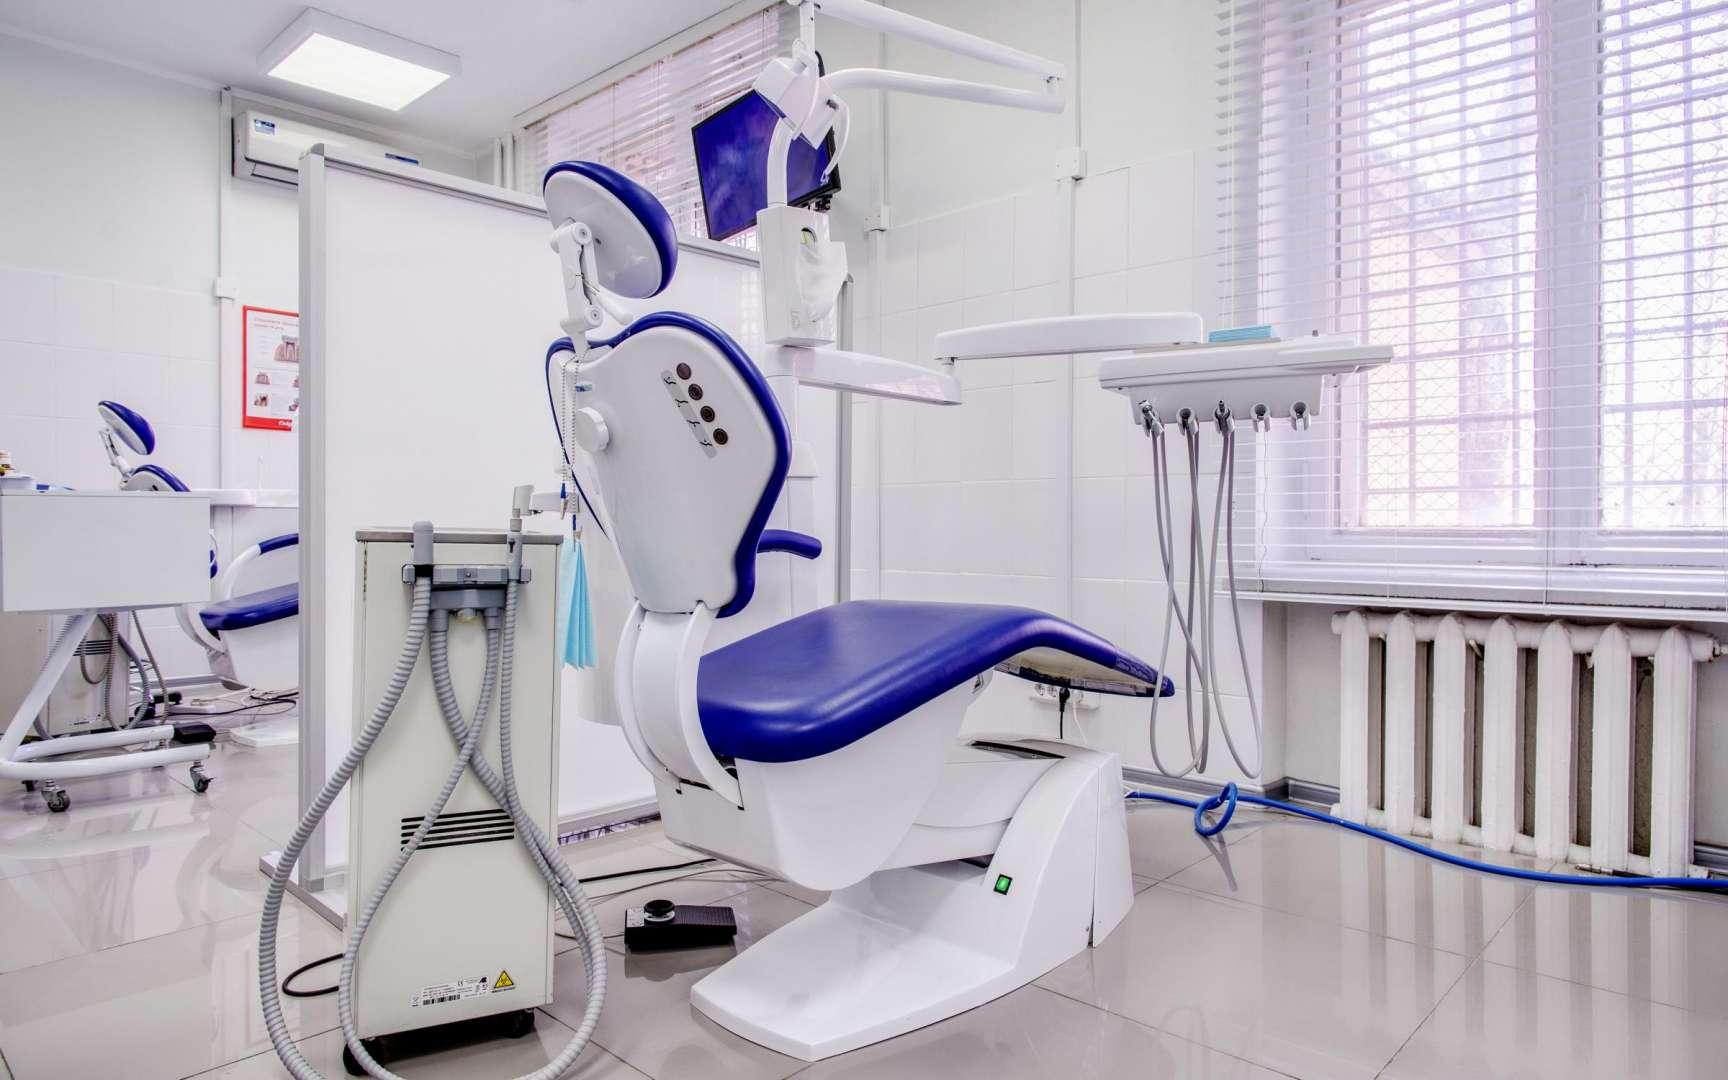 Протезирование зубов в германии: вернуть эстетику улыбки